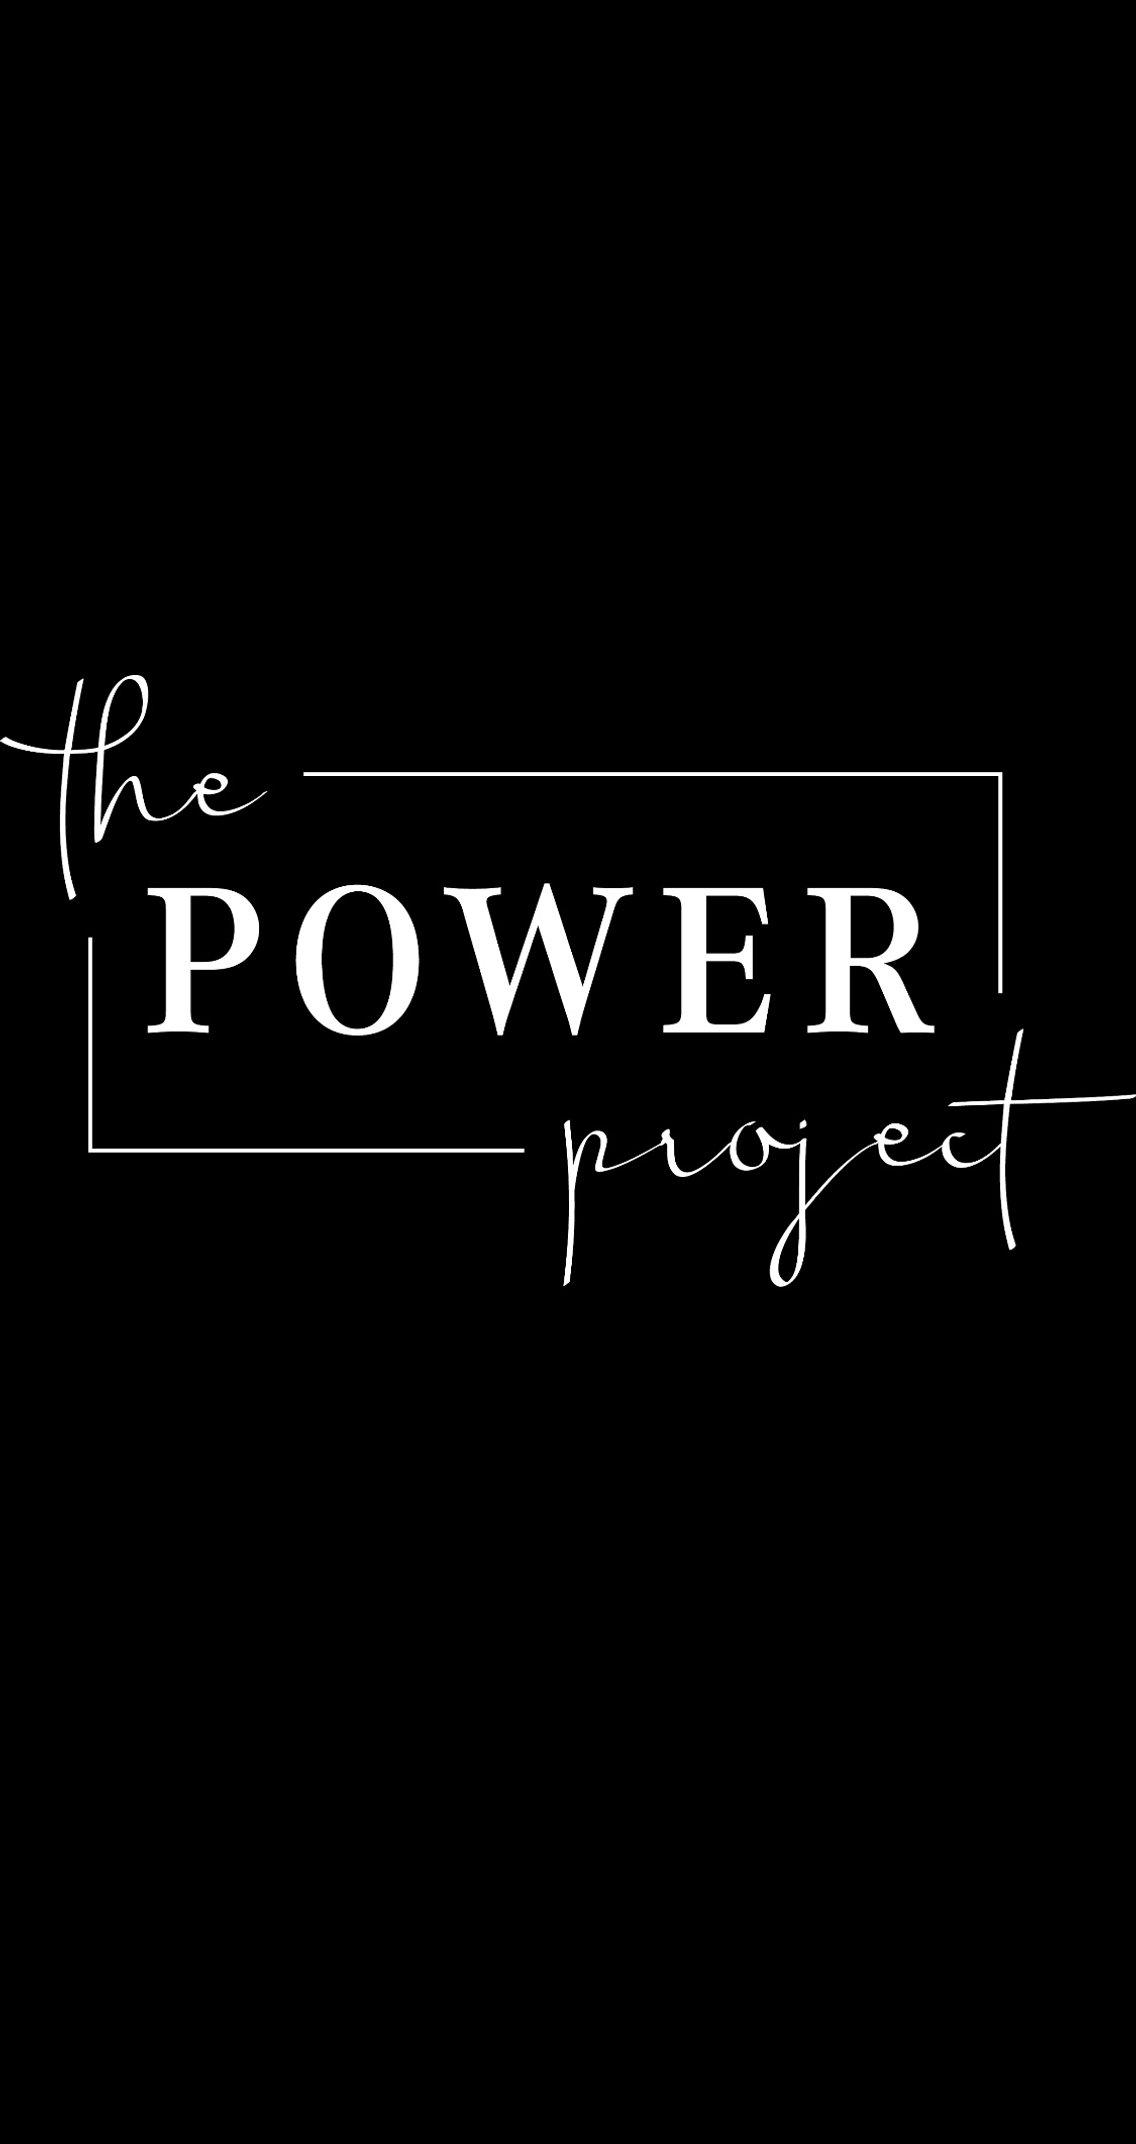 The Power Project Podcast - immagine di copertina